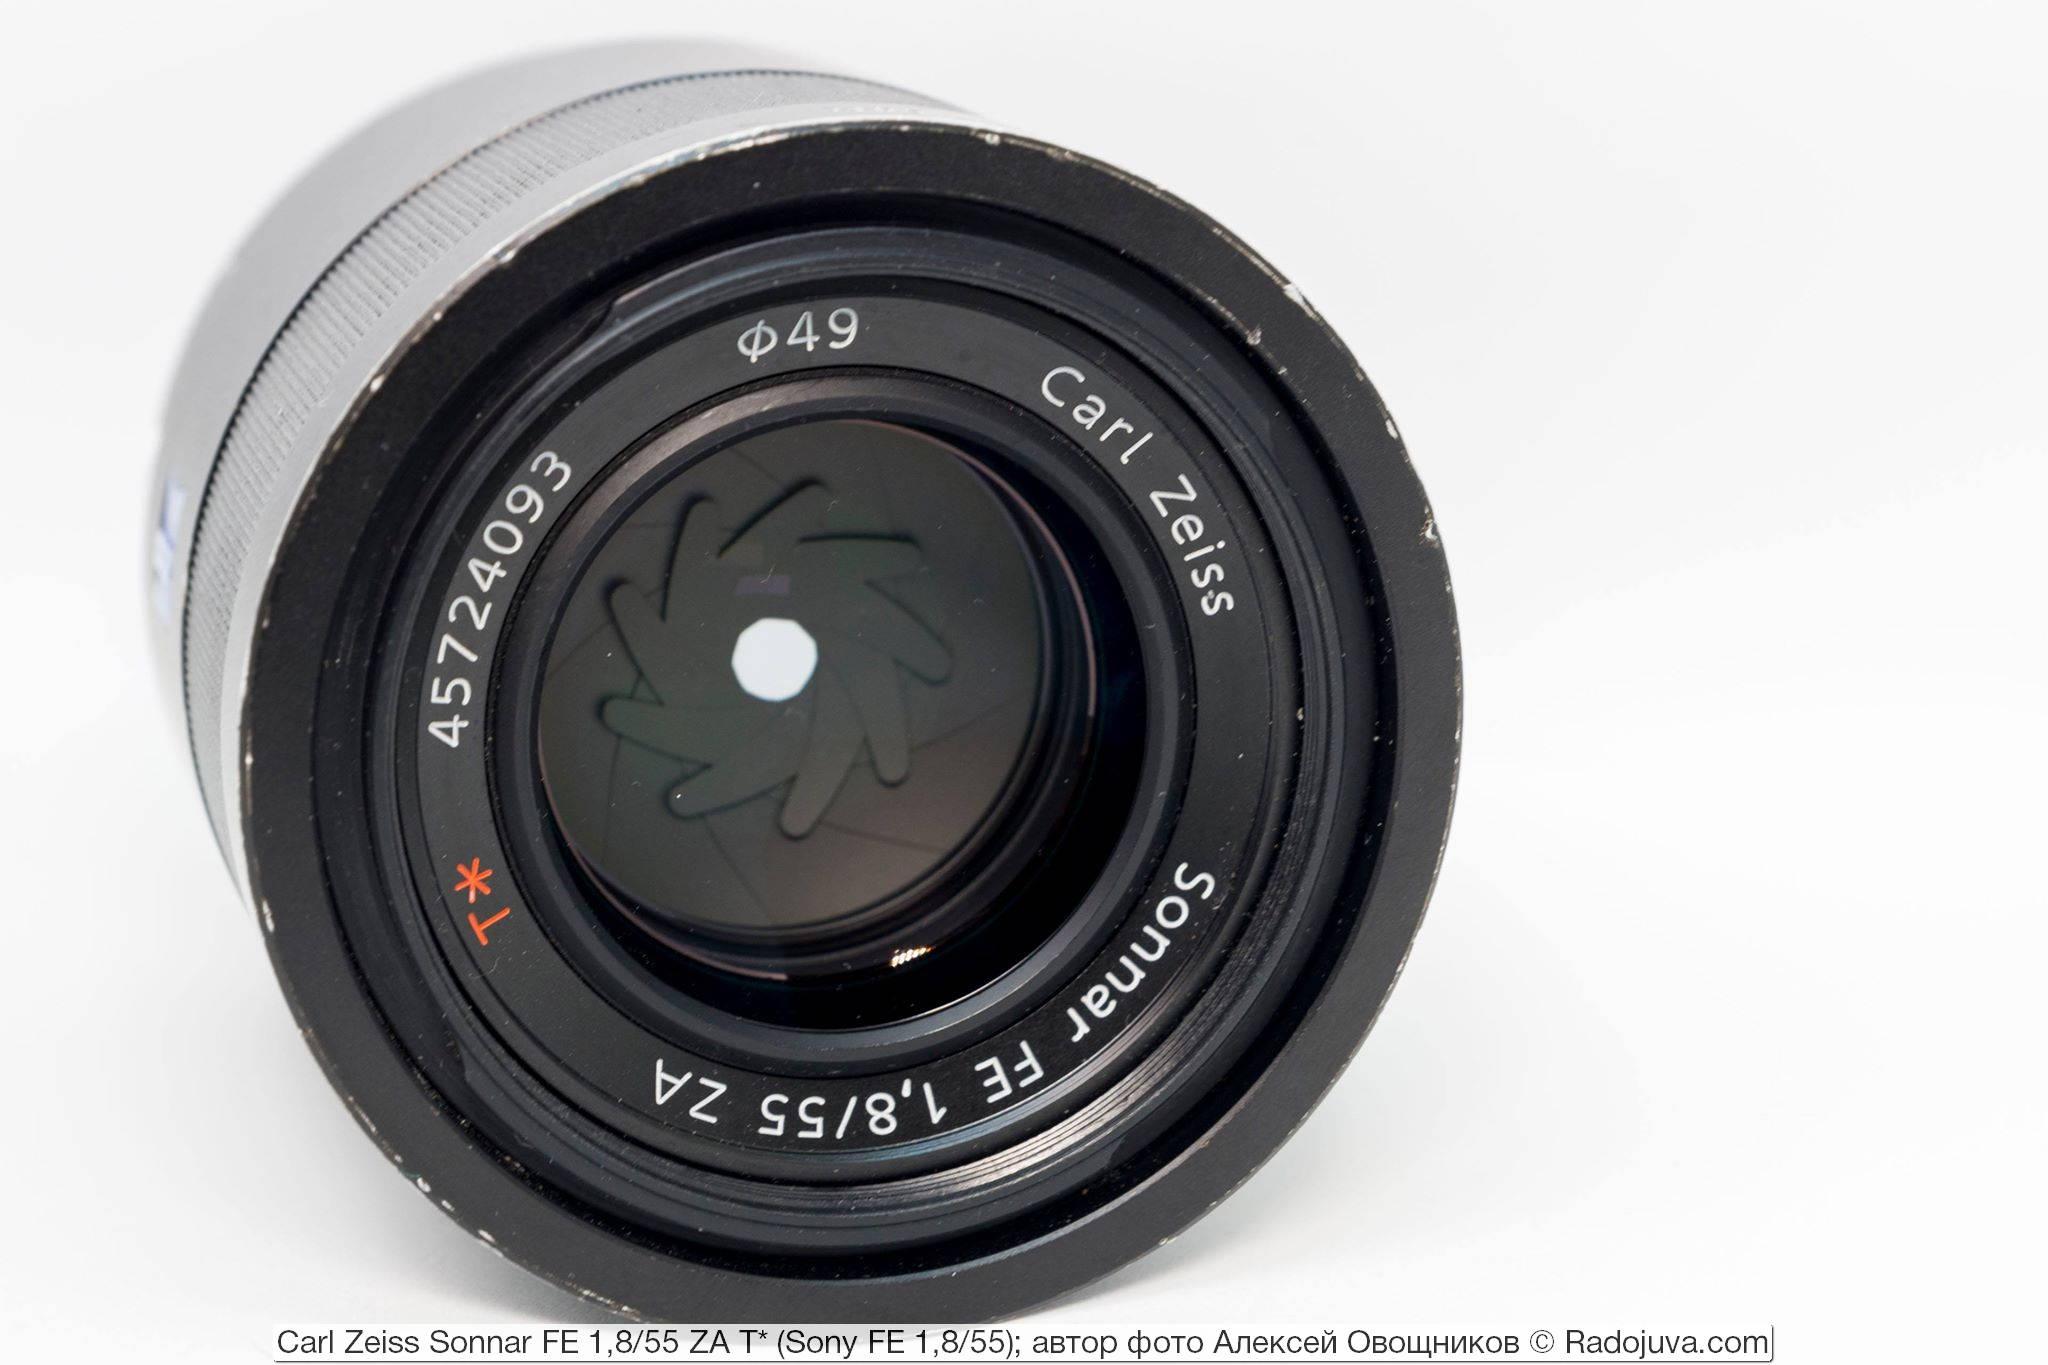 Carl Zeiss Sonnar FE 1,8/55 ZA T* (Sony FE 1,8/55)